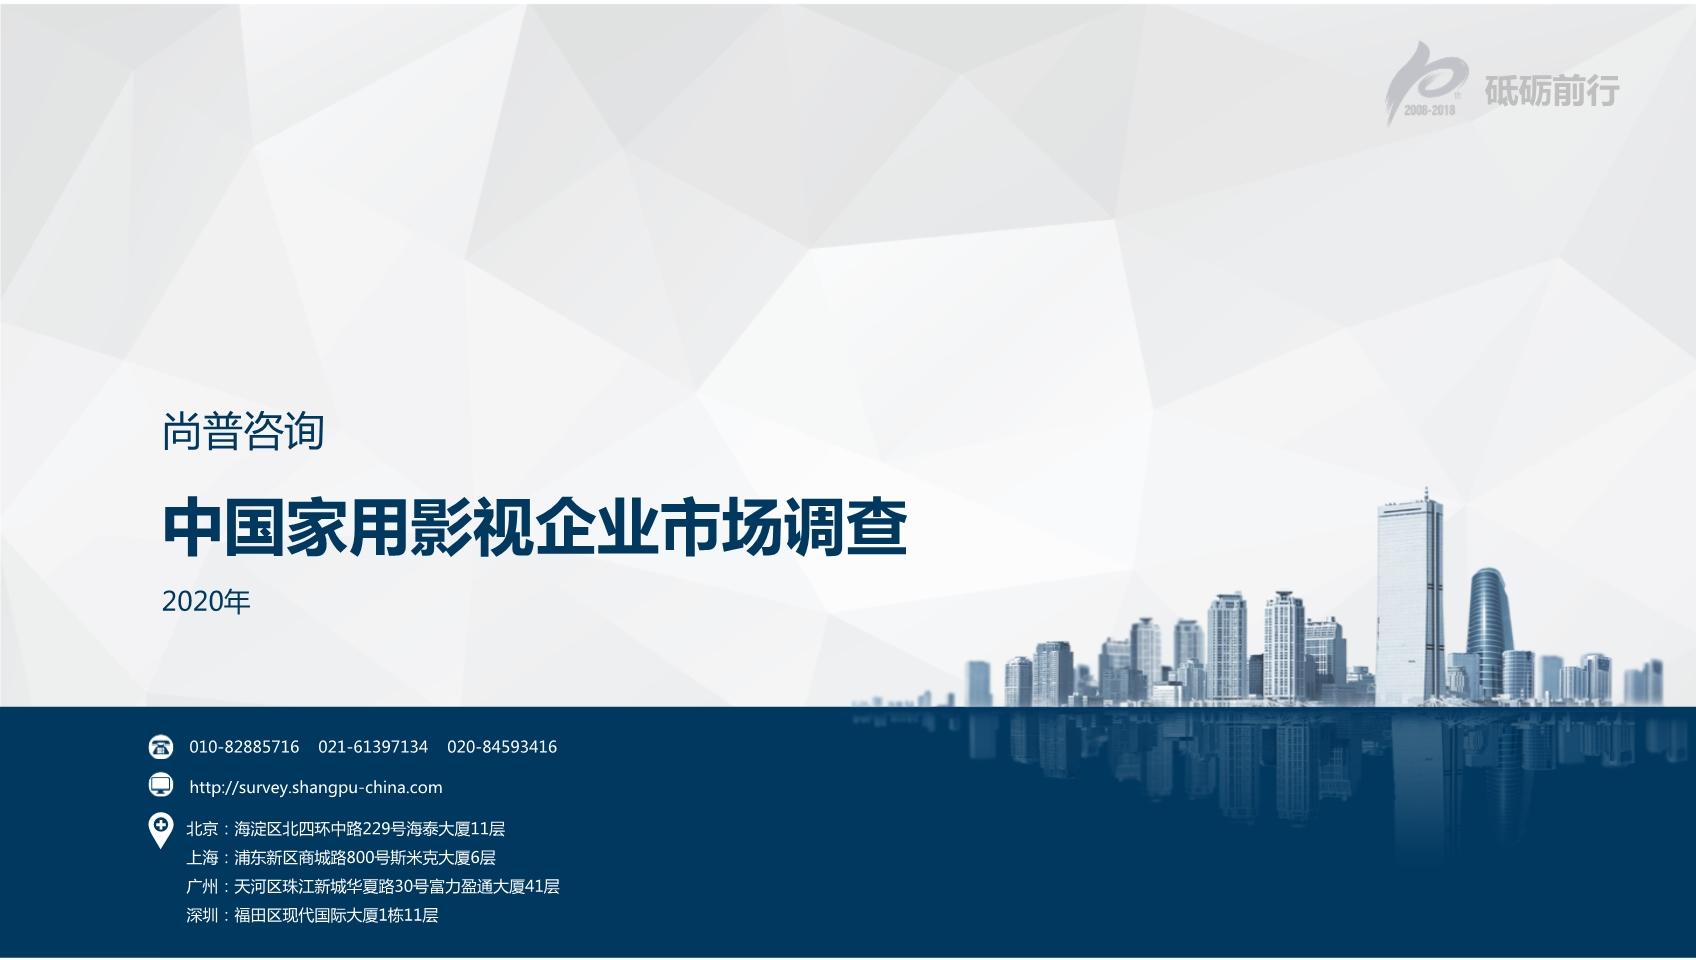 尚普咨询:2020年中国家用影视企业市场调查